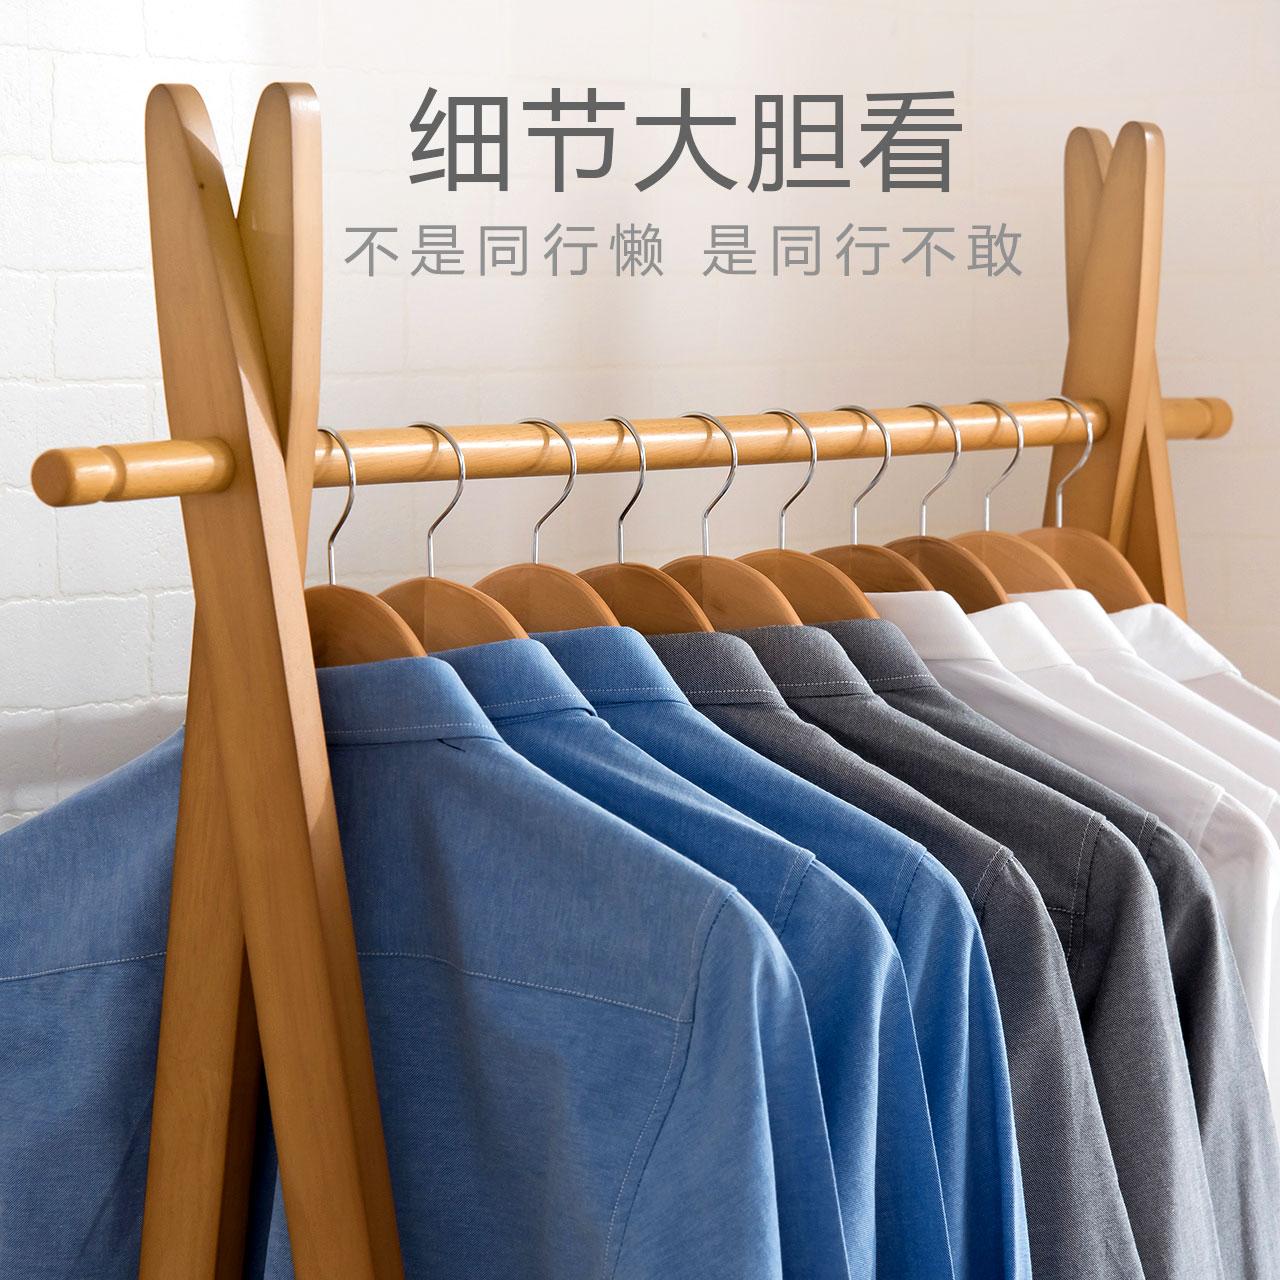 越茂实木衣帽架落地衣架卧室创意简易衣服架置物架现代简约挂衣架